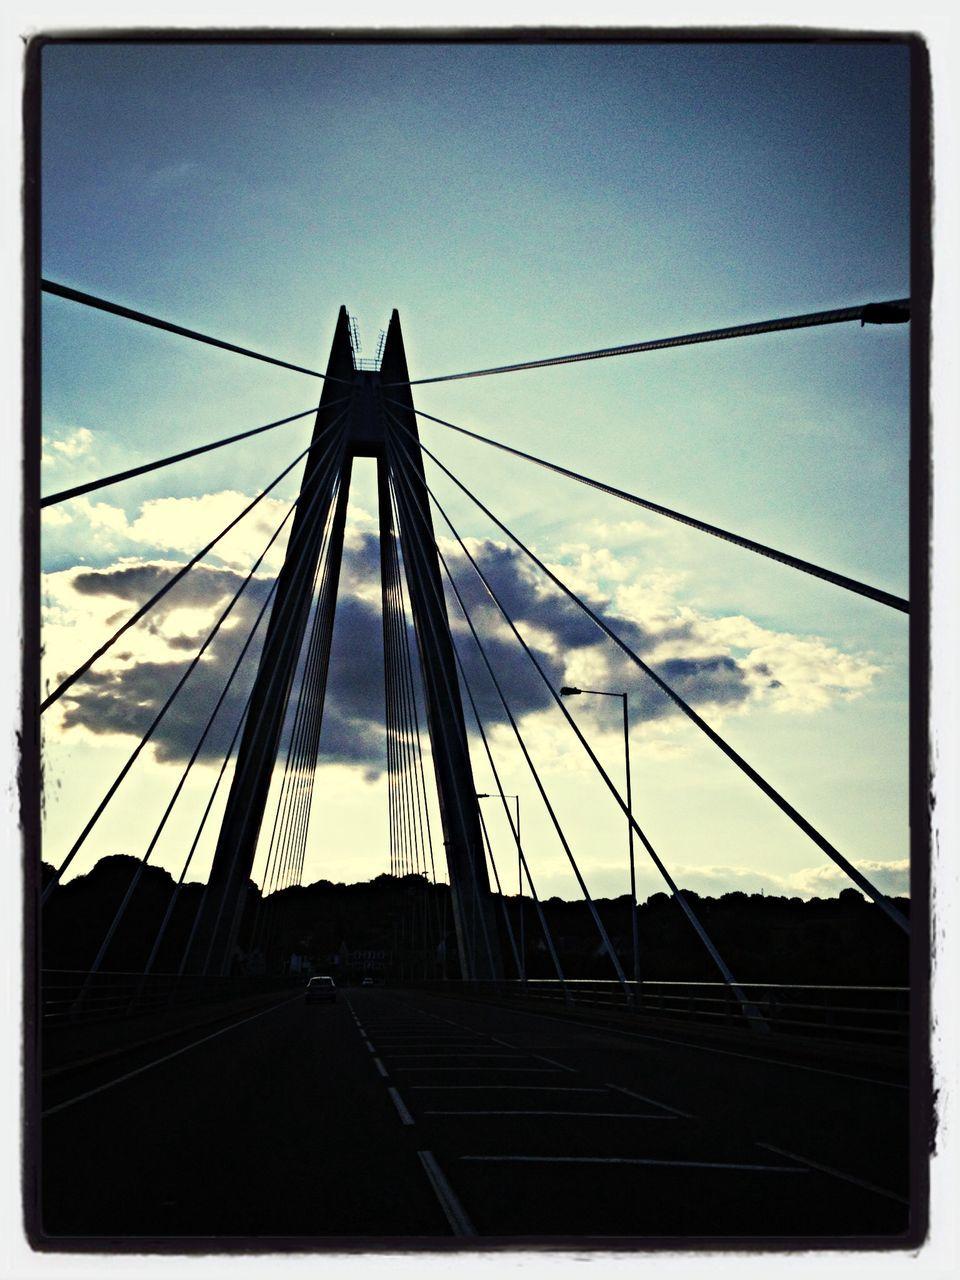 connection, bridge - man made structure, transportation, sky, suspension bridge, day, architecture, built structure, no people, outdoors, bridge, cable, city, line